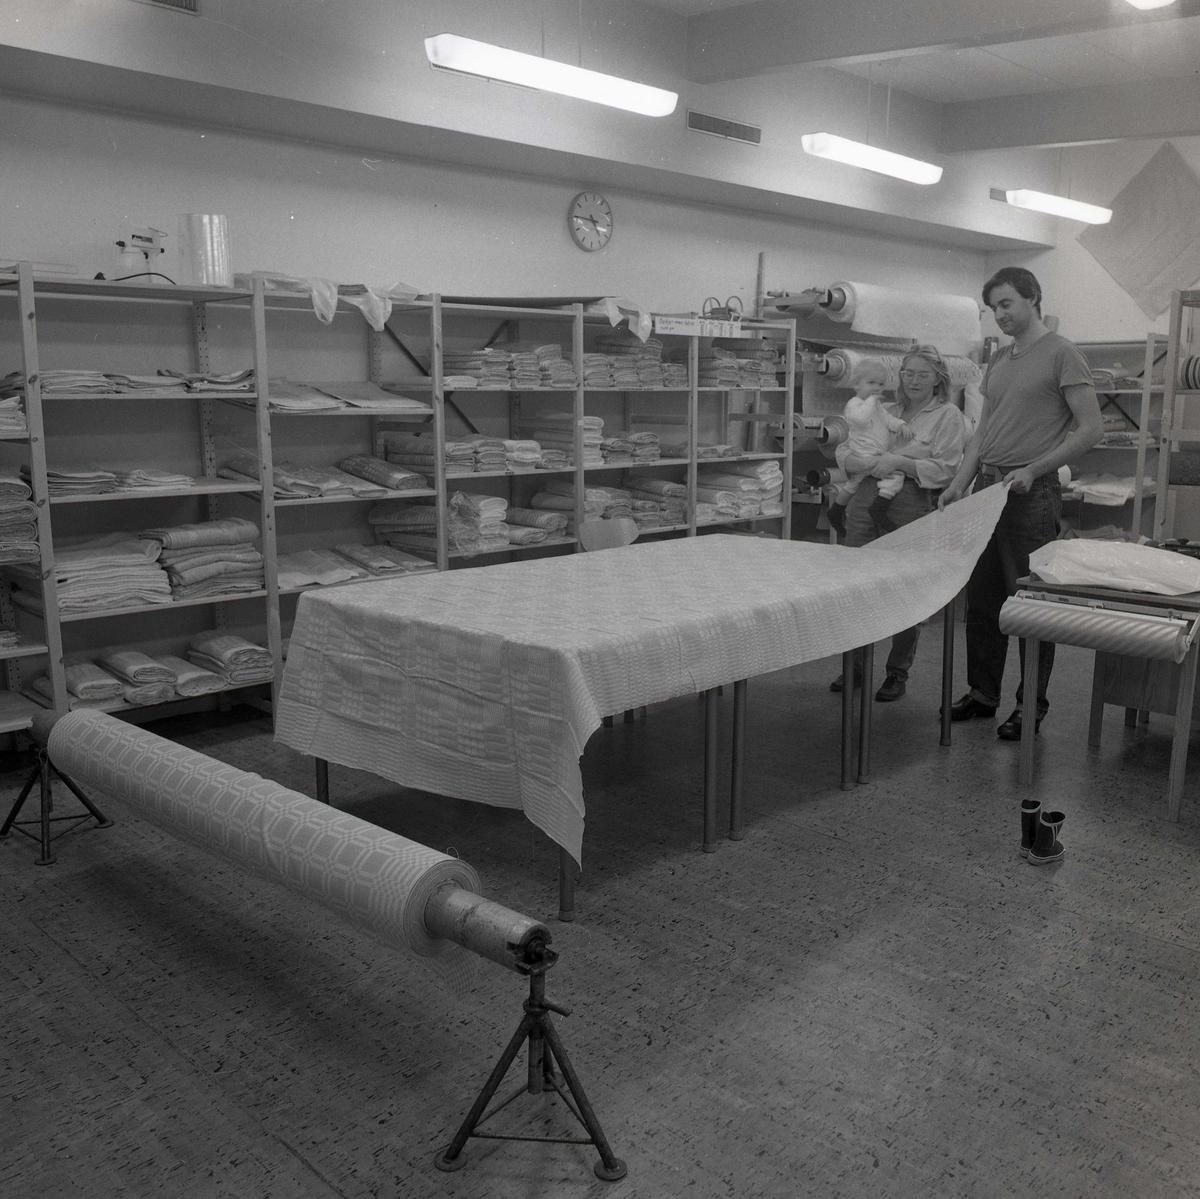 På ett bord ligger en textil utrullad och en man håller upp ena änden för att inspektera närmare. Bredvid mannen står en kvinna med ett barn i famnen och tittar på tyget. Längs väggarna står hyllor med travar av vävda textiler som varvas med inslag av tygrullar. Händelsen utspelar sig på väveriet i Näsviken 1989.